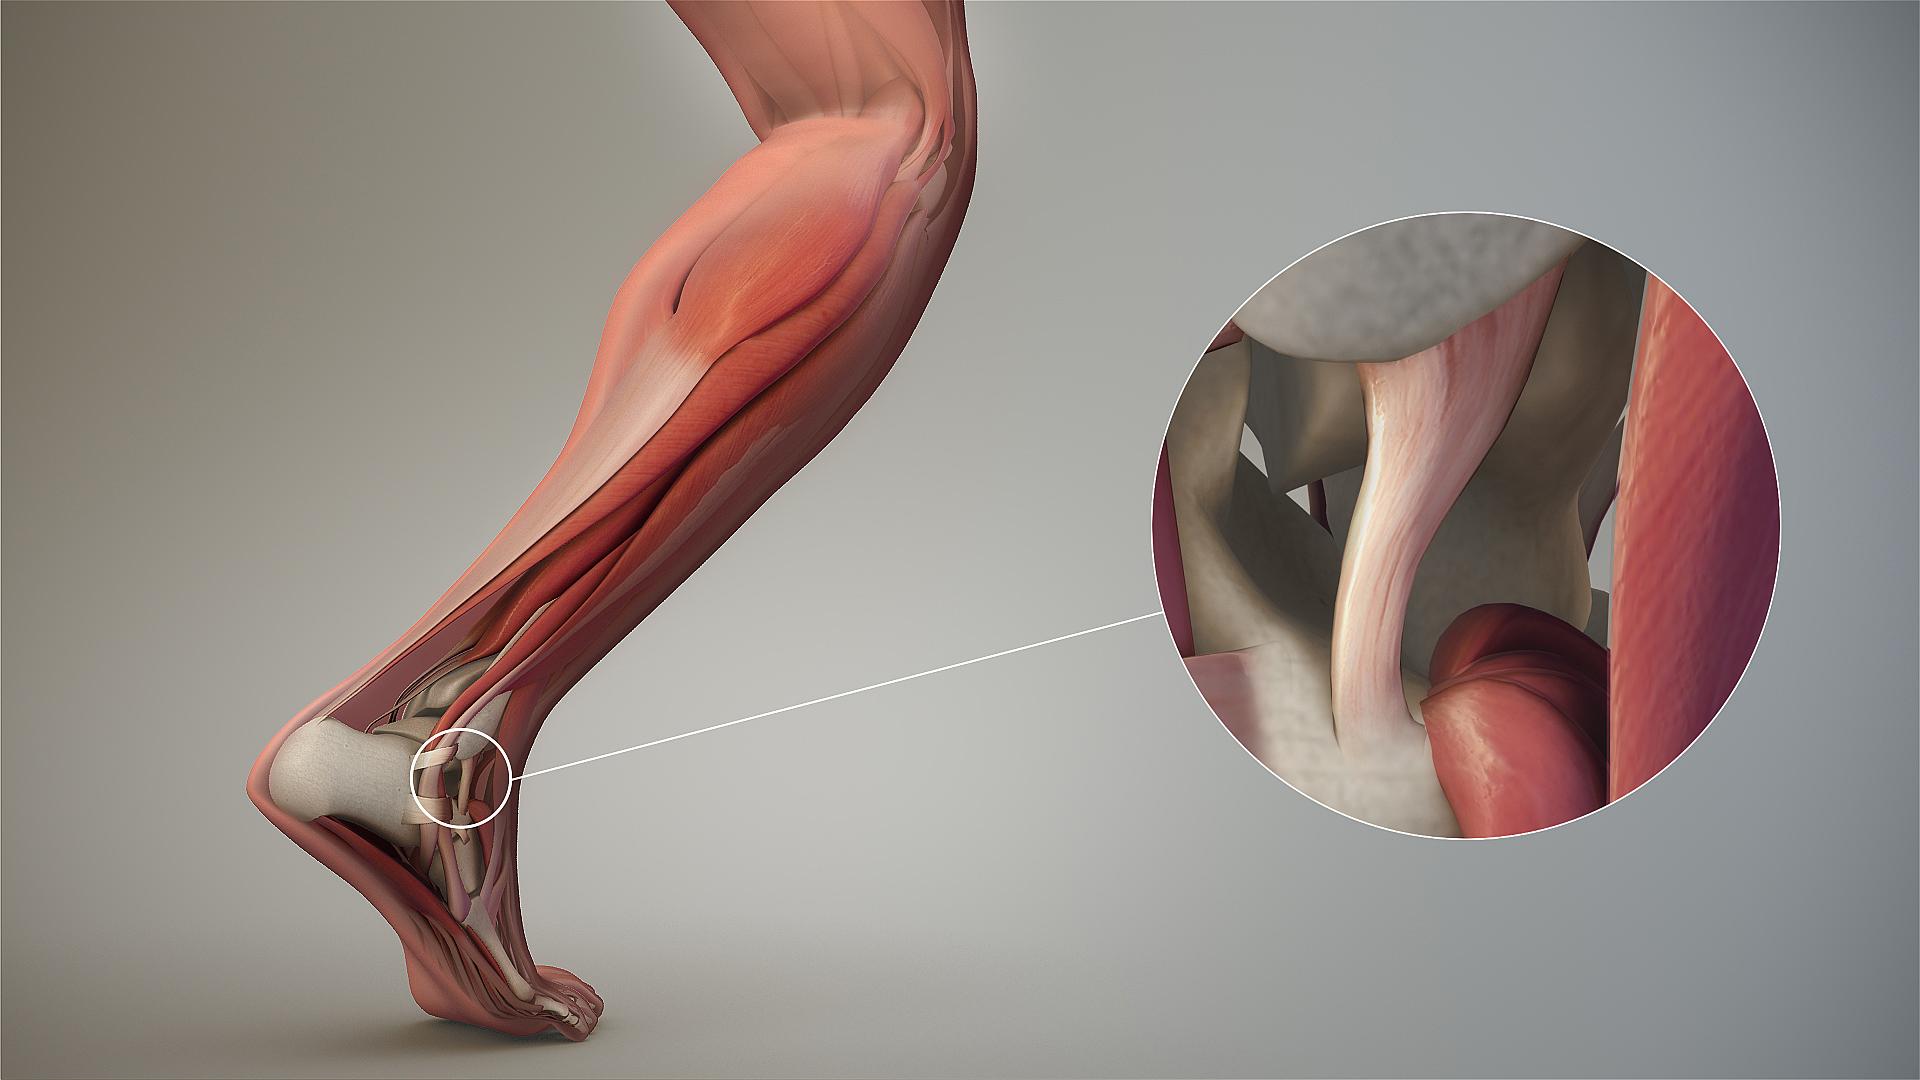 انواع رباط در مفصل ها